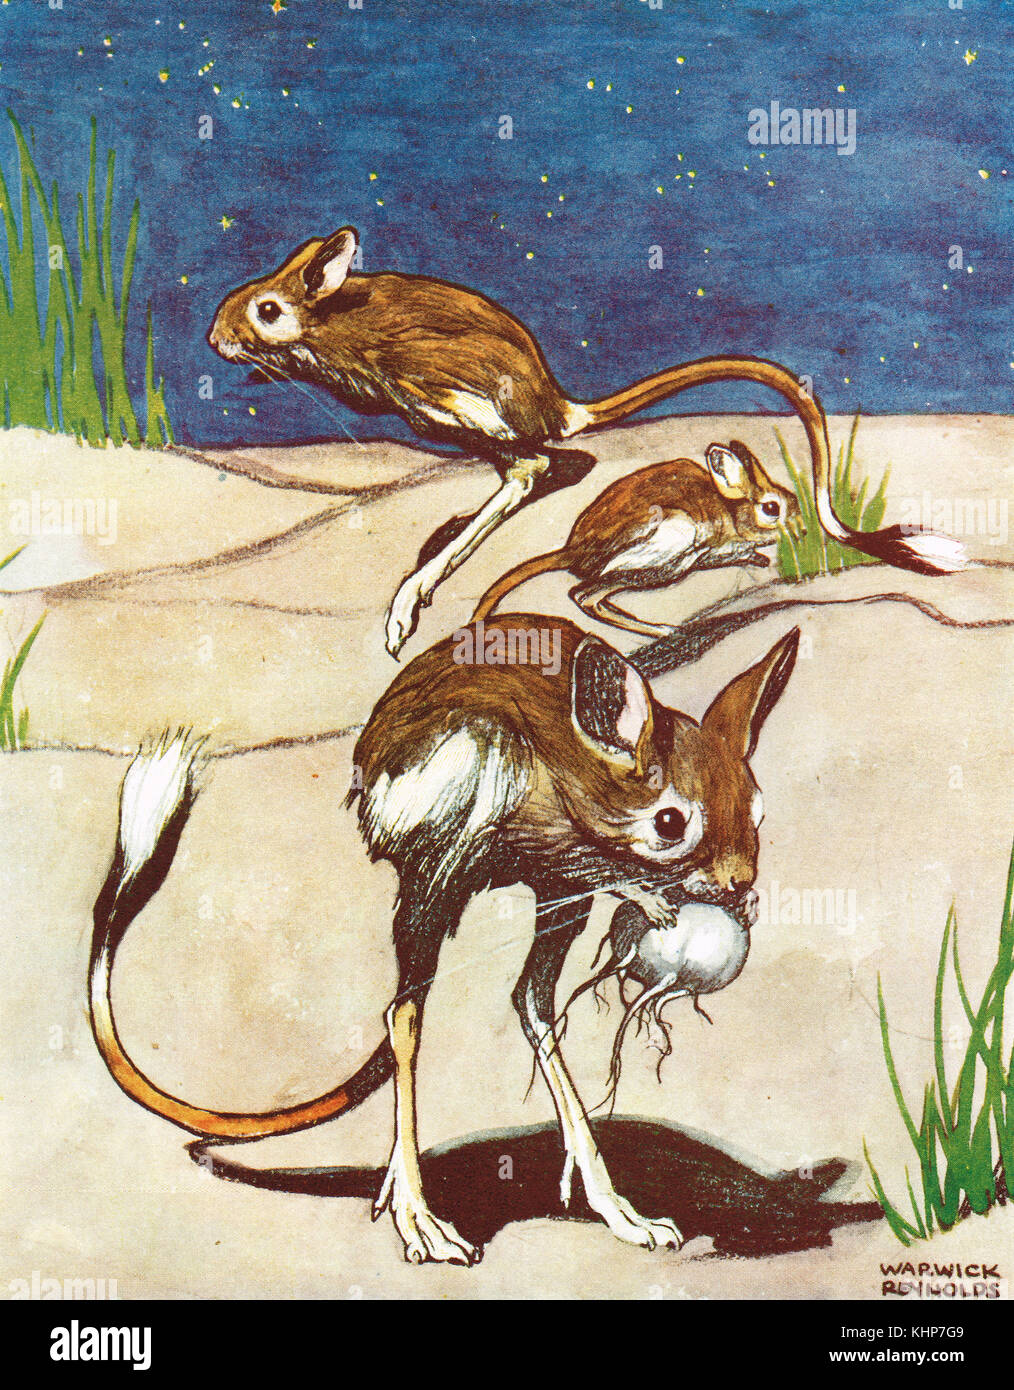 Jerboa, hopping desert rodents - Stock Image